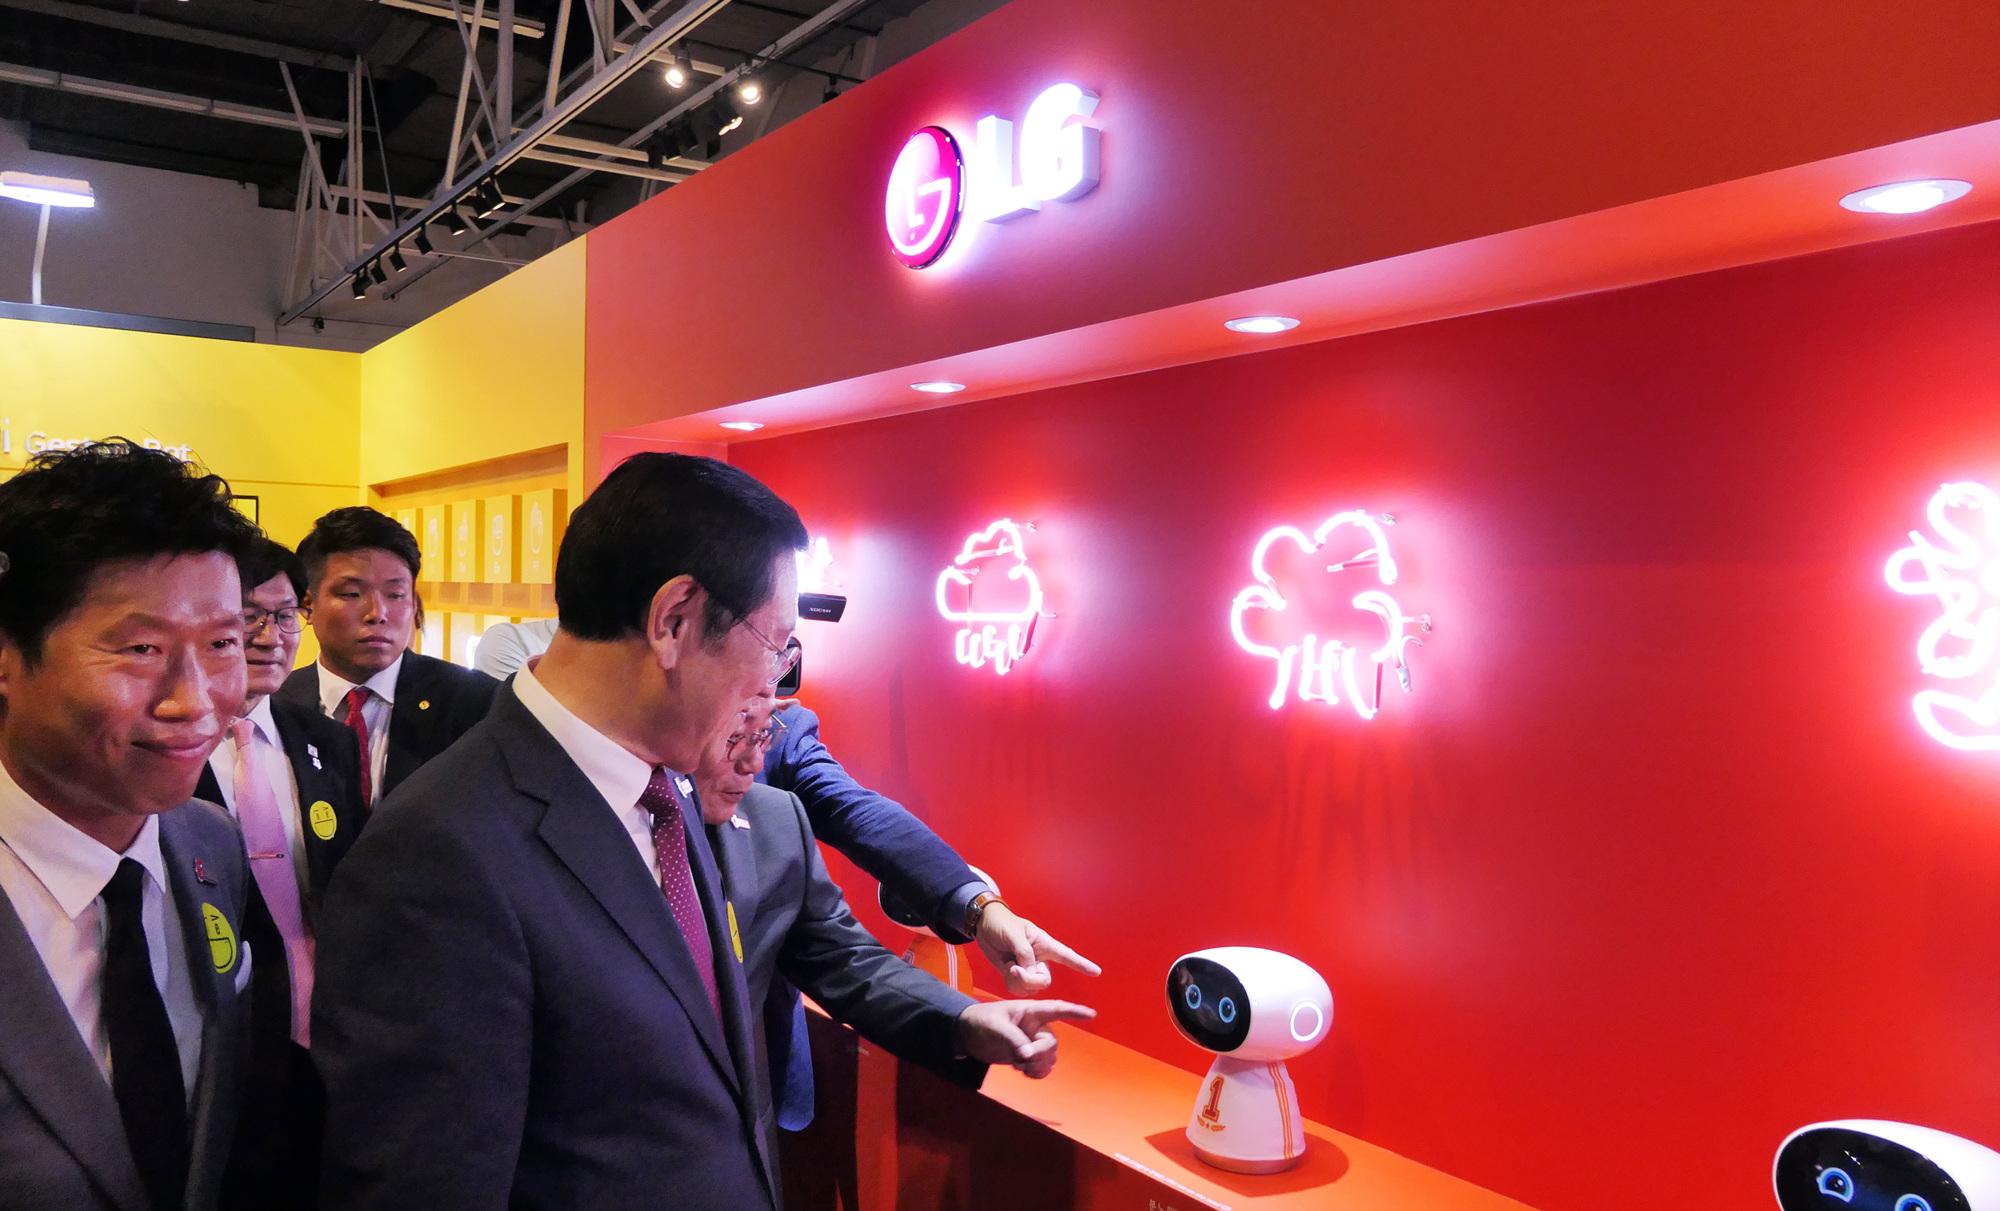 광주디자인비엔날레2019의 LG전자 전시관을 둘러보고 있는 이용섭 광주 시장님(오른쪽)과 배우 유해진 님(왼쪽)